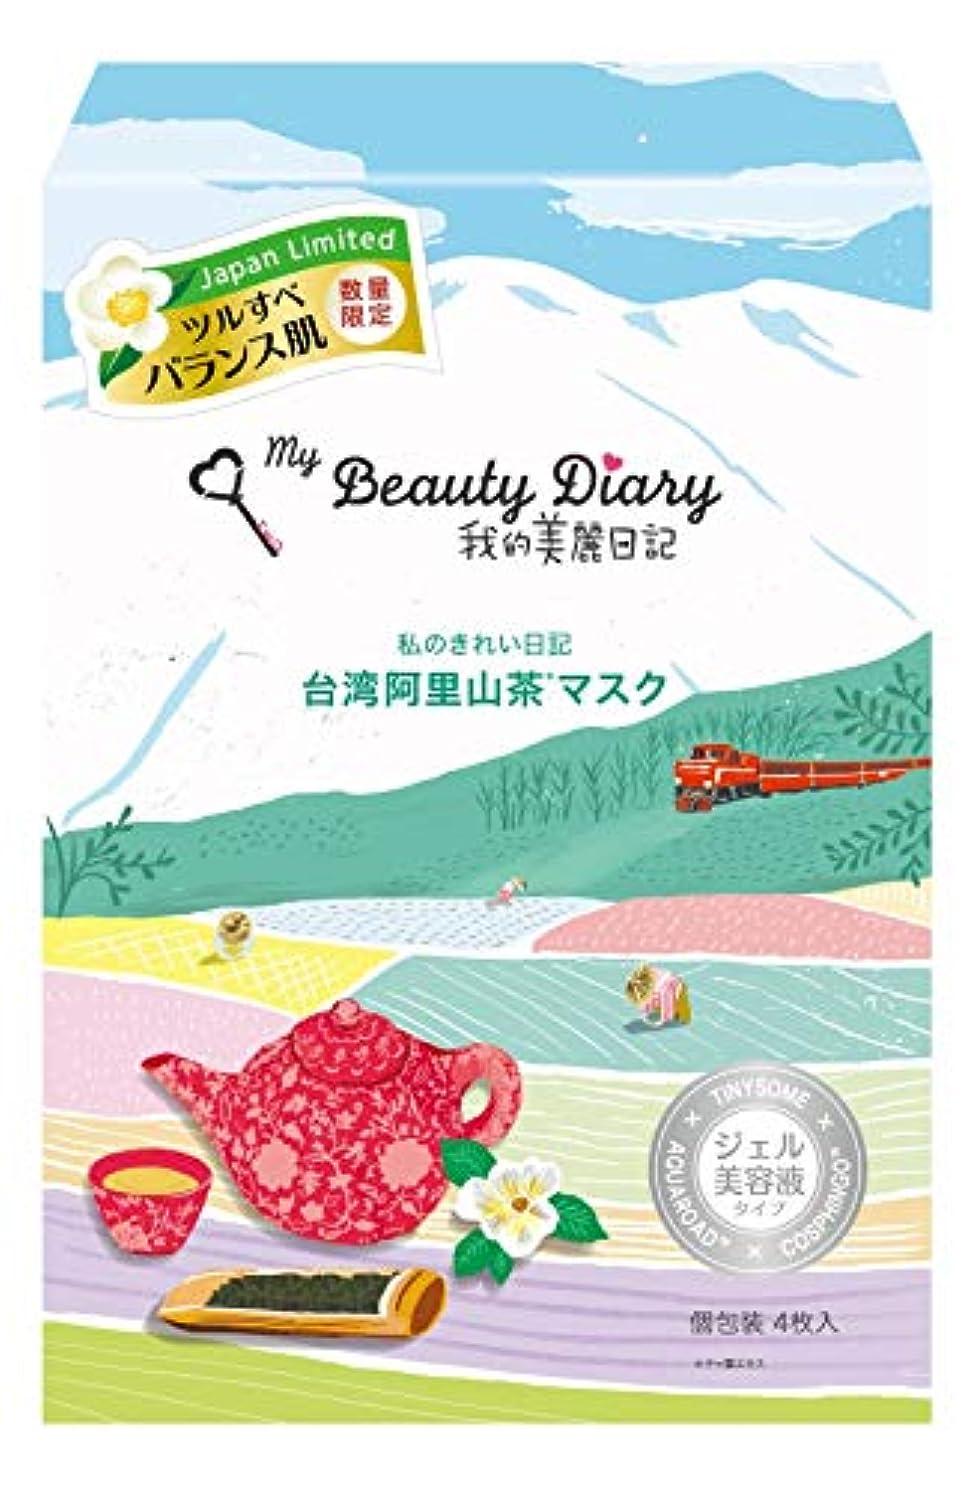 餌株式データベース我的美麗日記 台湾阿里山茶マスク